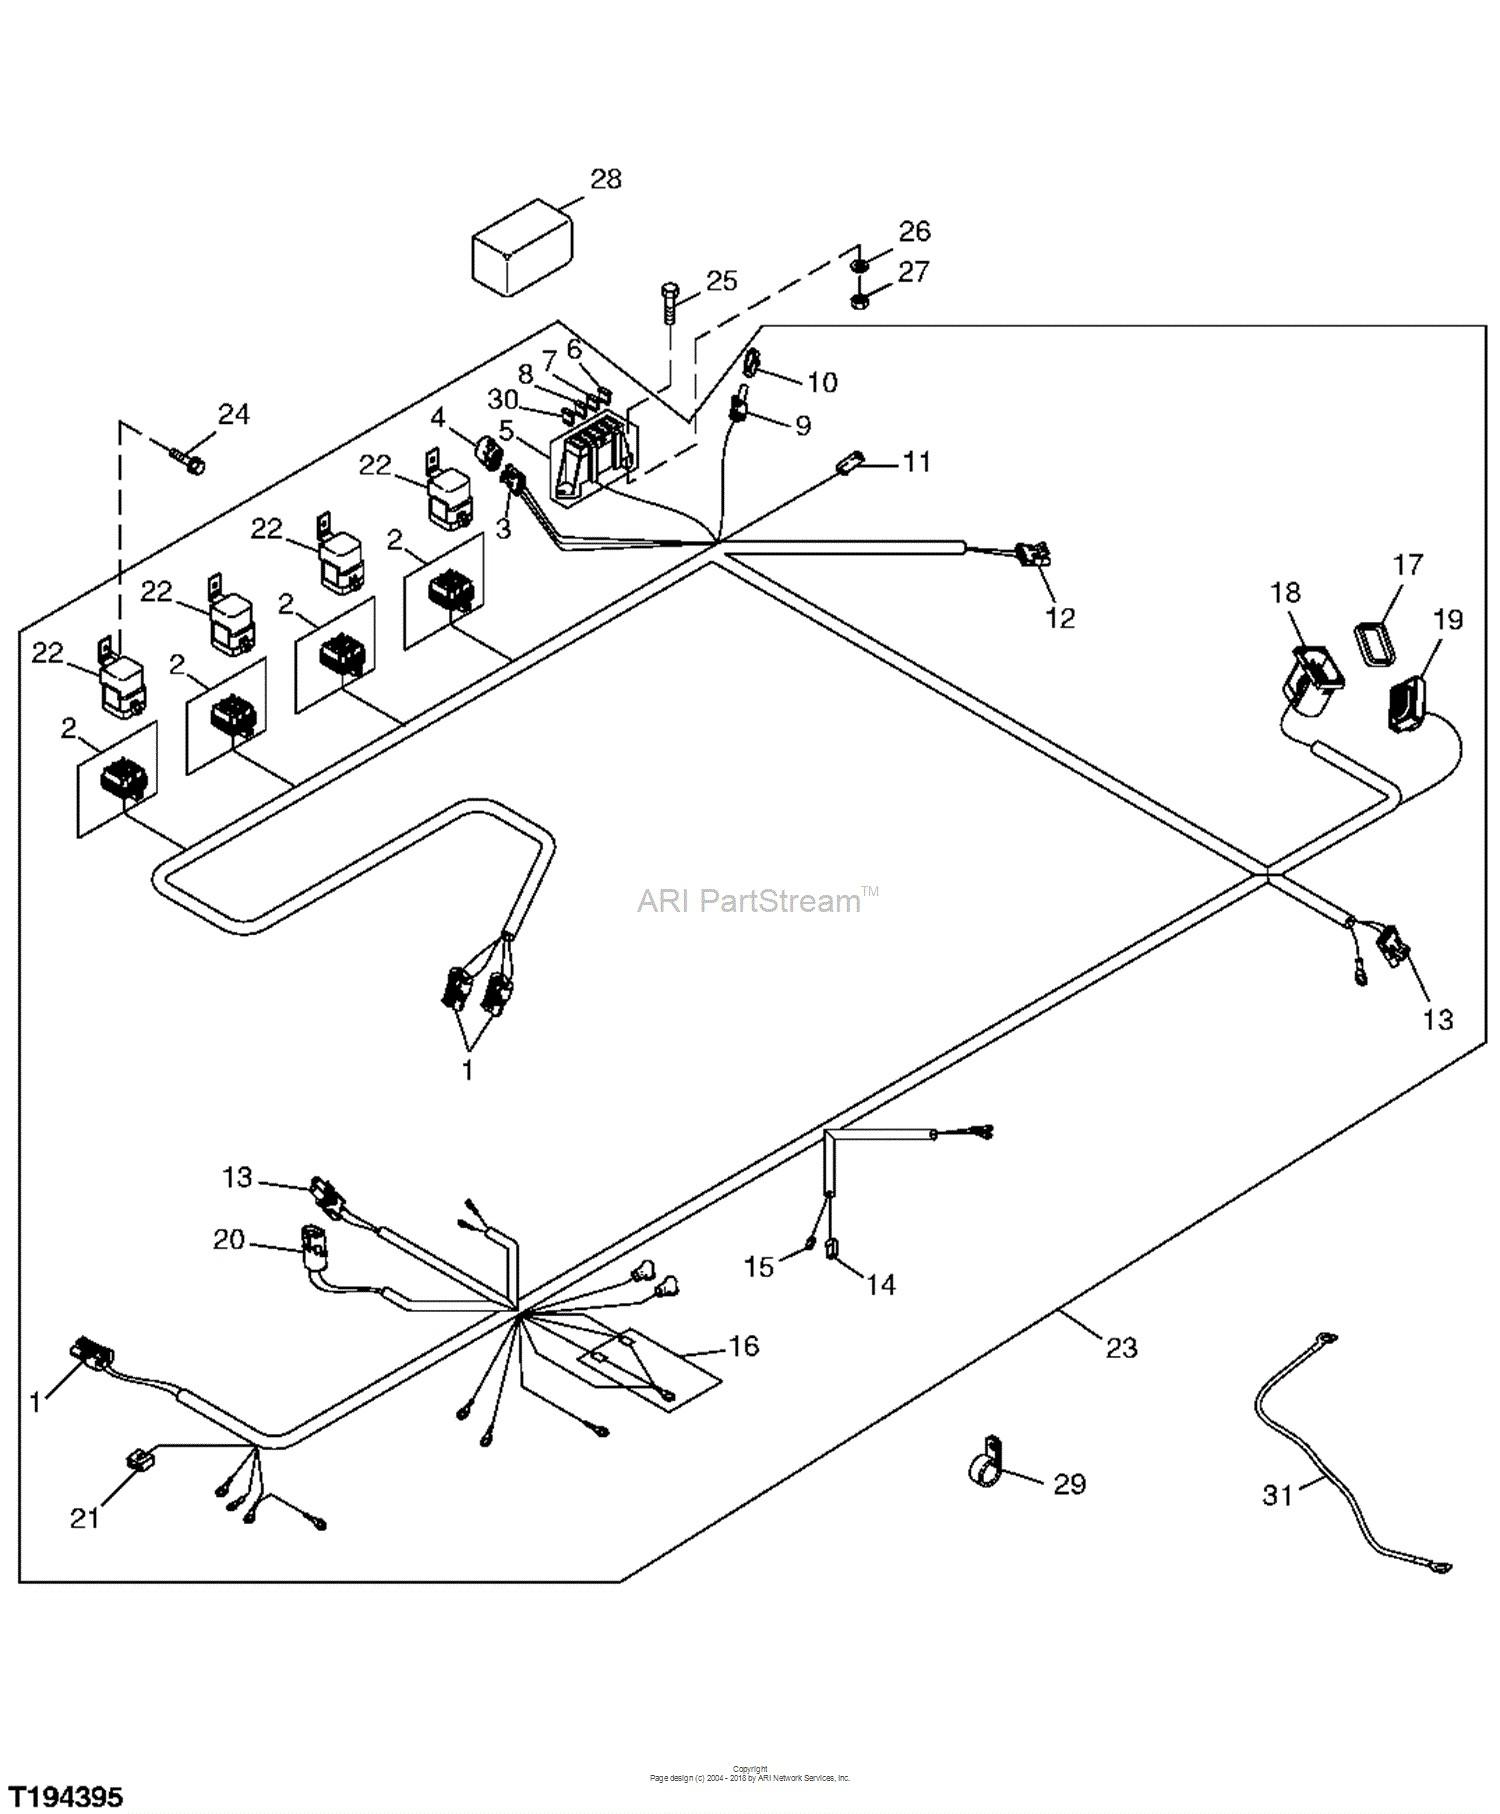 332d Skid Loader Wiring Schematic - Jeep Wrangler Fuel Wiring Harness  Diagram - gsxr750.1997wir.jeanjaures37.frWiring Diagram